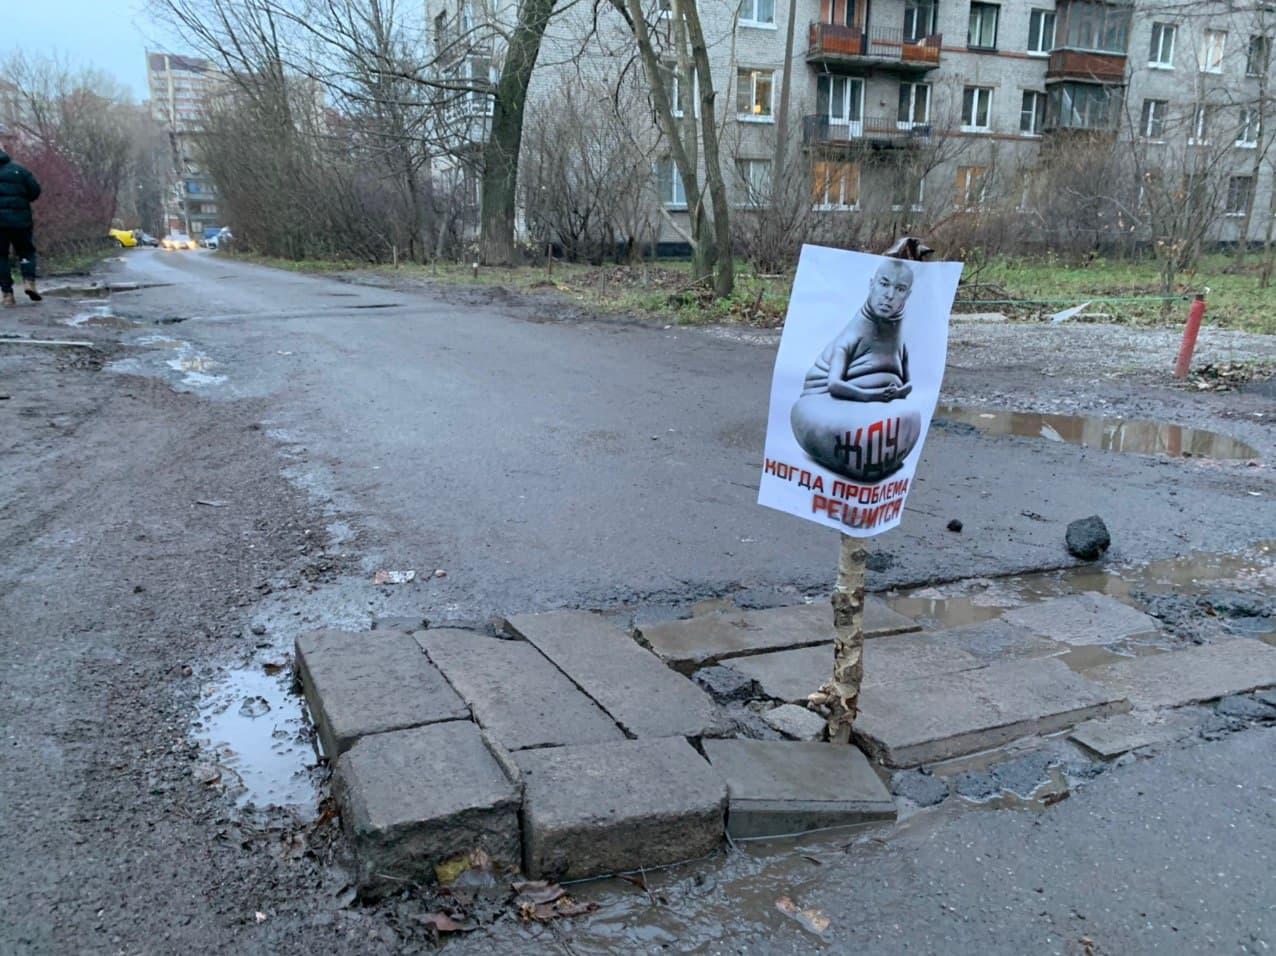 Активисты развесили изображения Серова в образе Ждуна на проблемных  объектах : ЗакС.Ру : новости Санкт-Петербурга